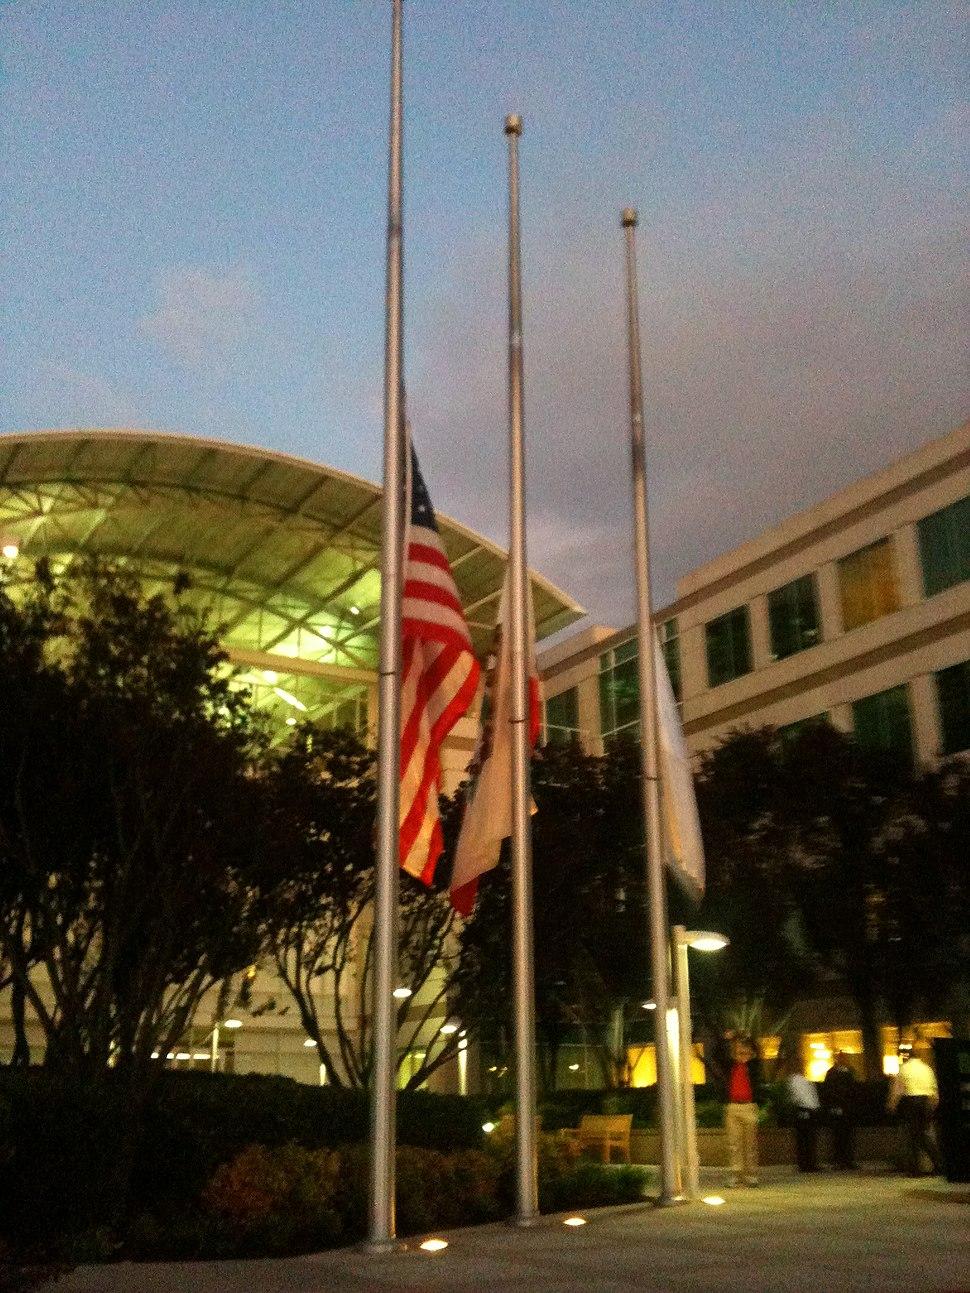 Apple flags half-mast